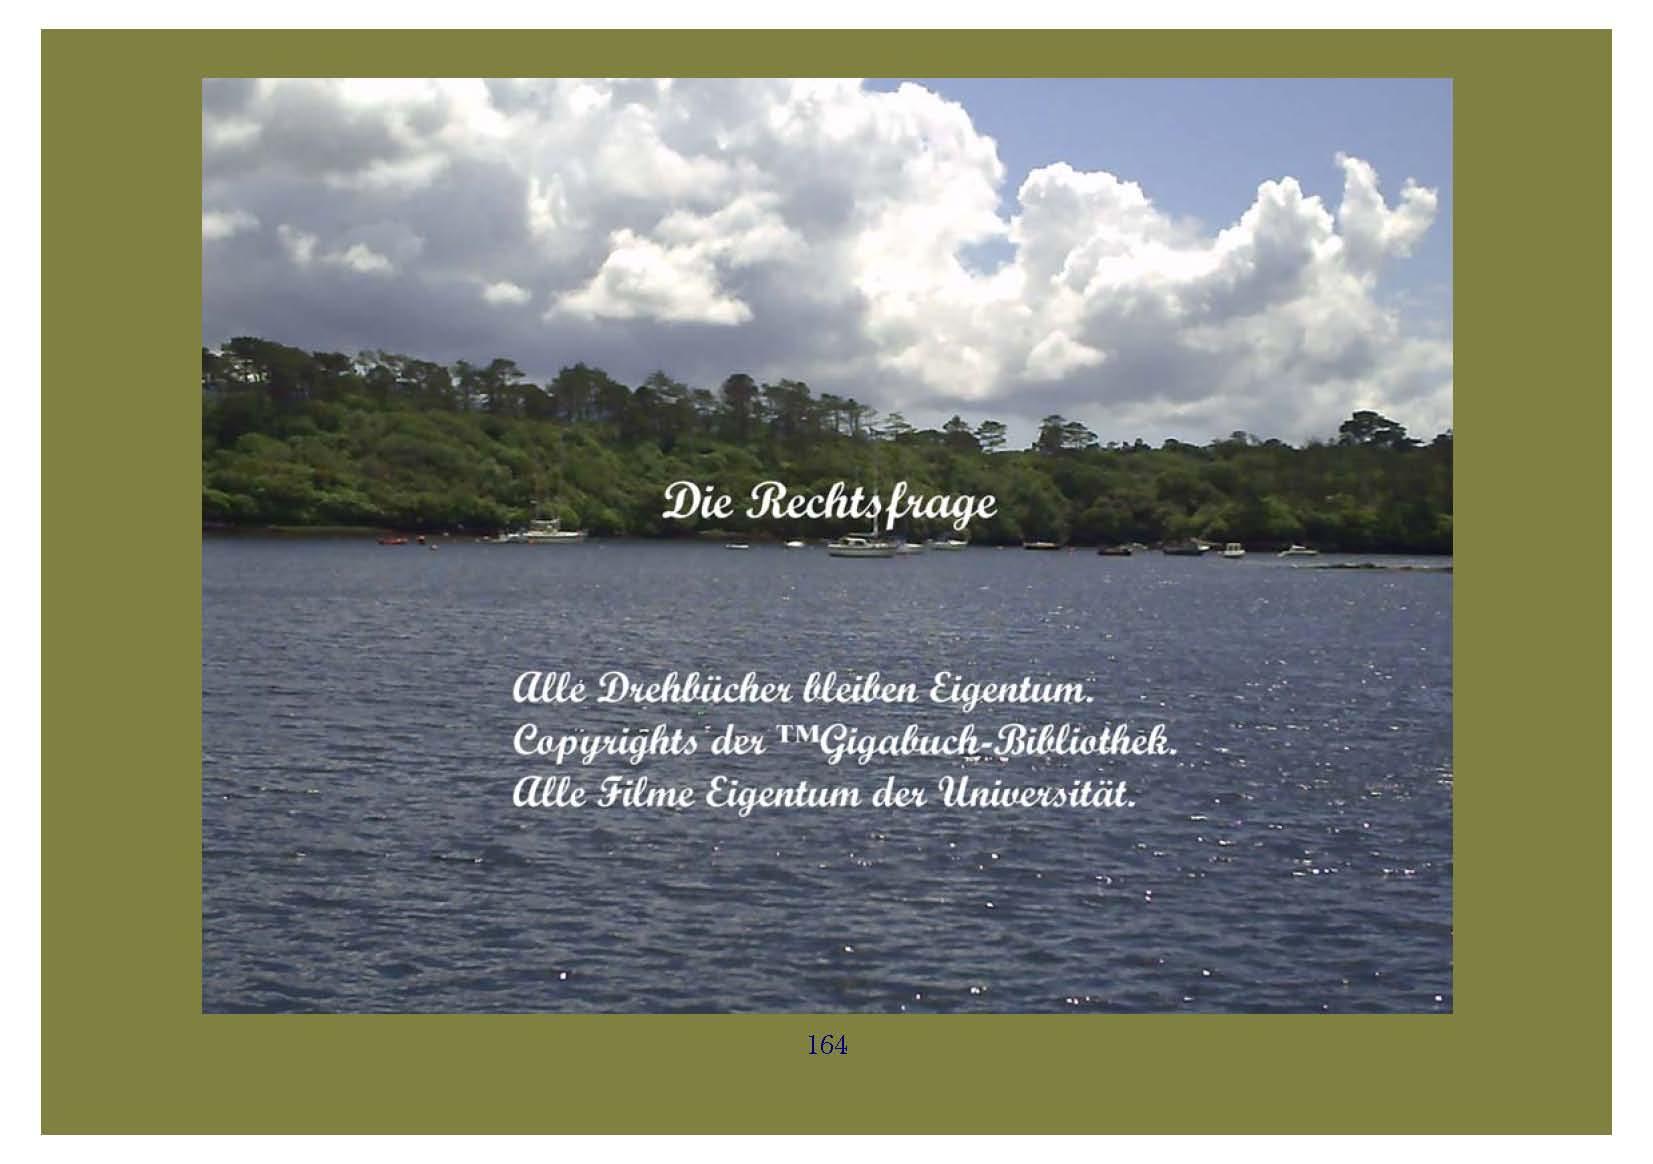 ™Gigabuch-Bibliothek/iAutobiographie Band 9/Bild 05654